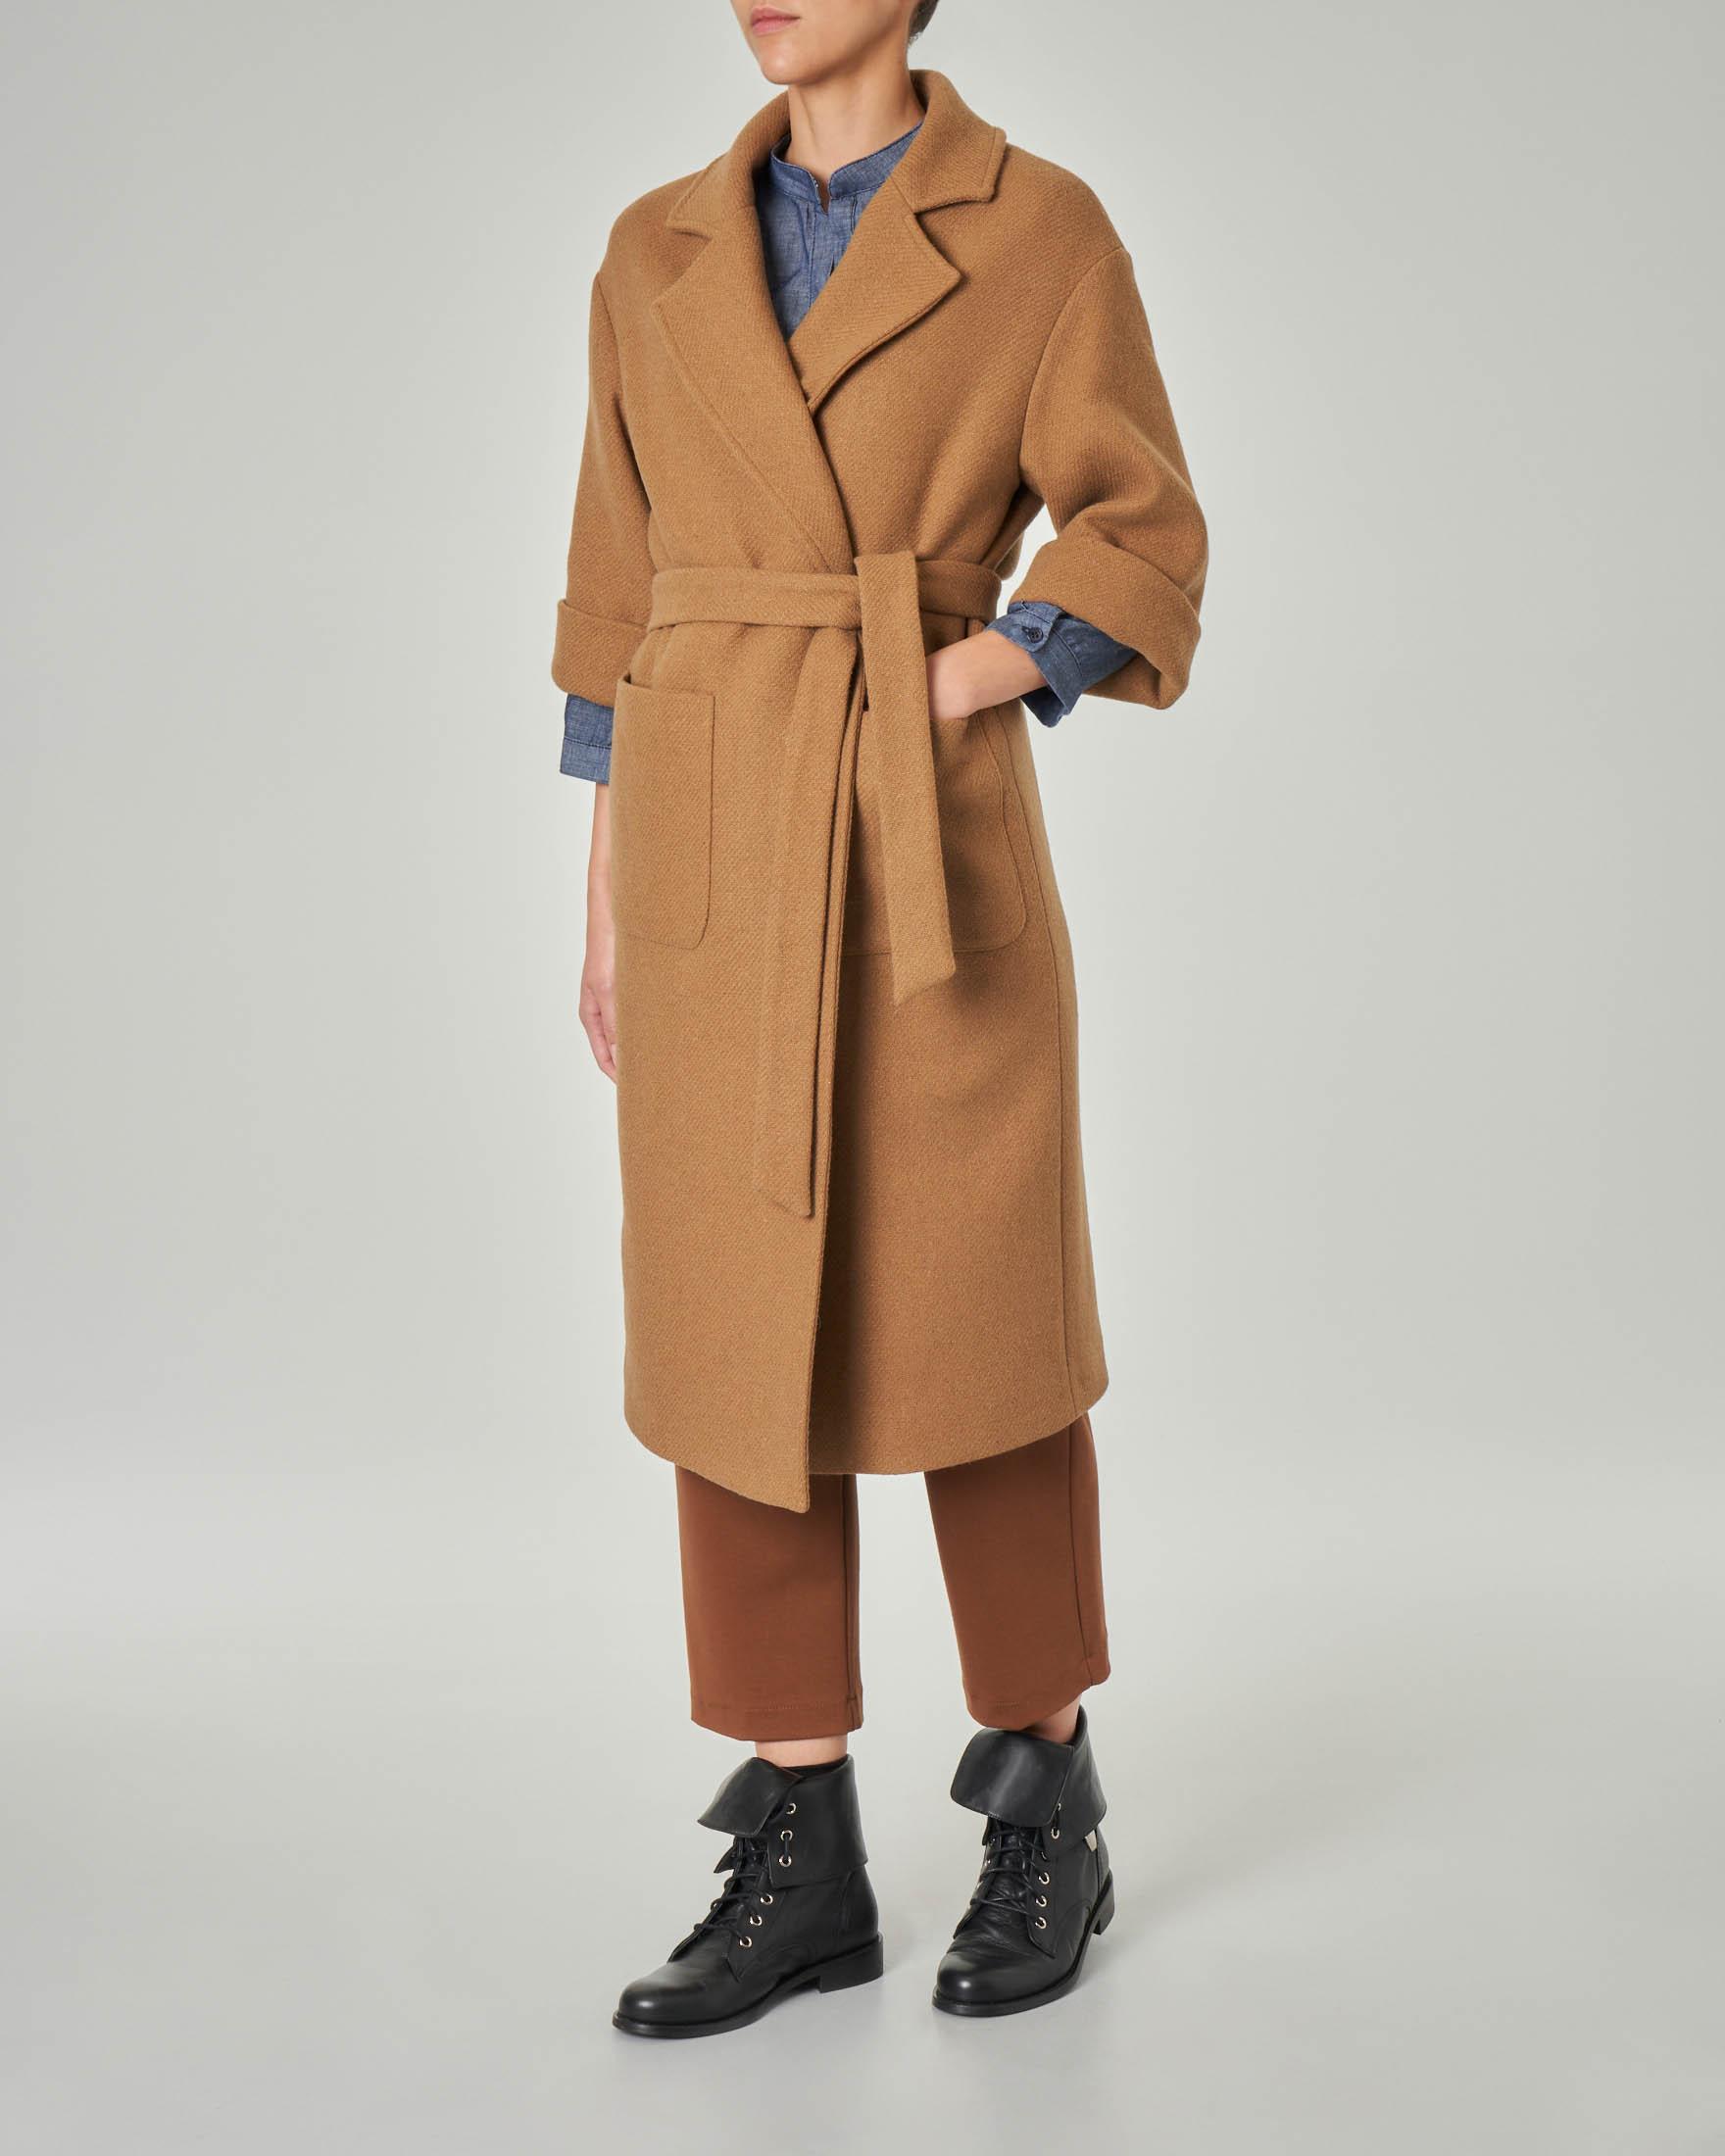 Cappotto color cammello in misto lana con maniche tre quarti con risvolto